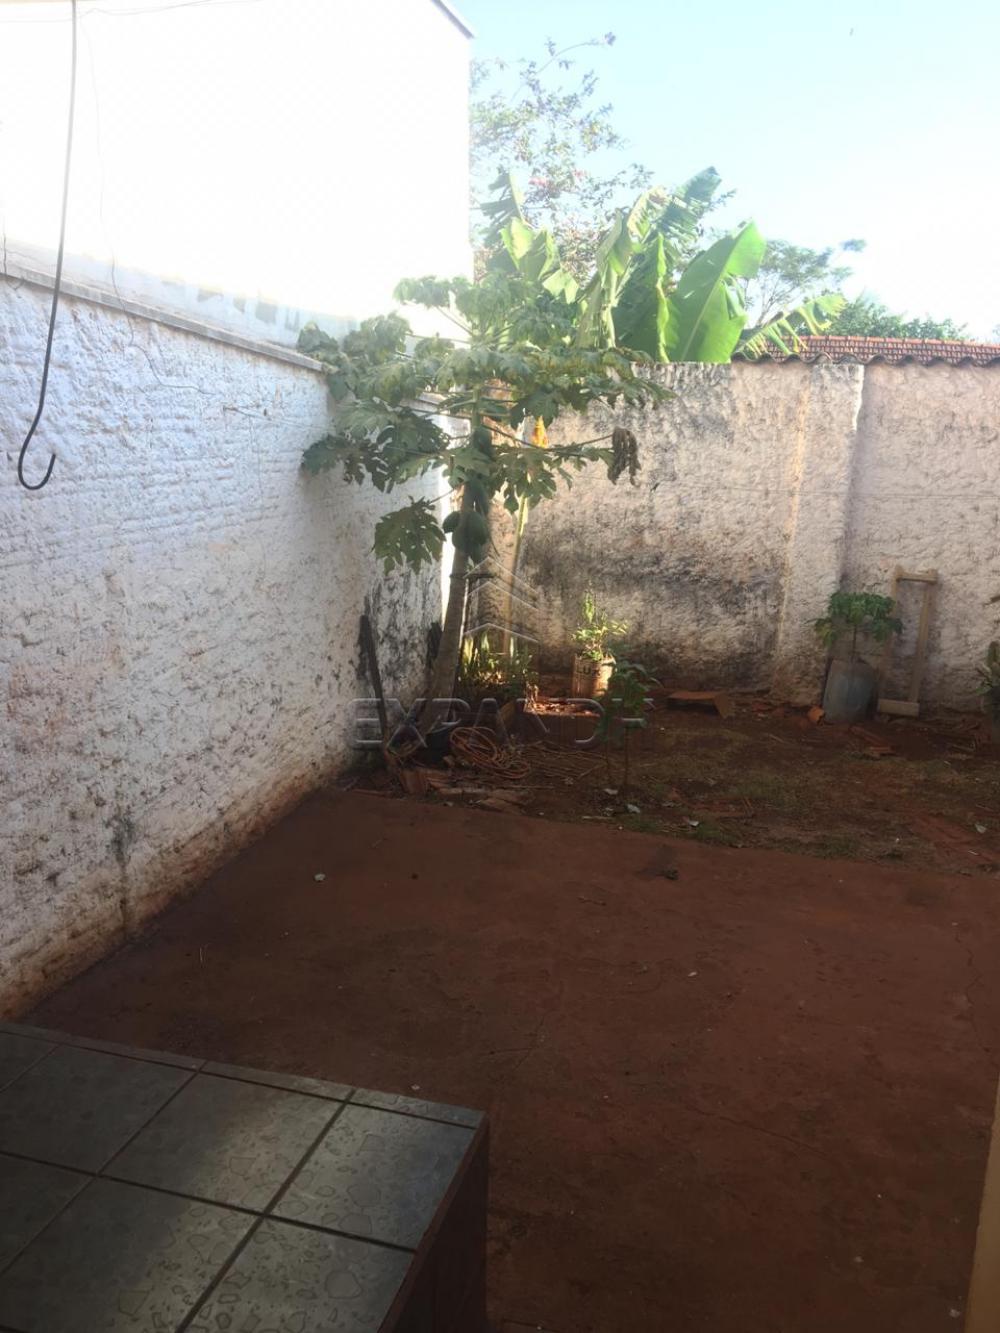 Alugar Casas / Padrão em Sertãozinho R$ 700,00 - Foto 25